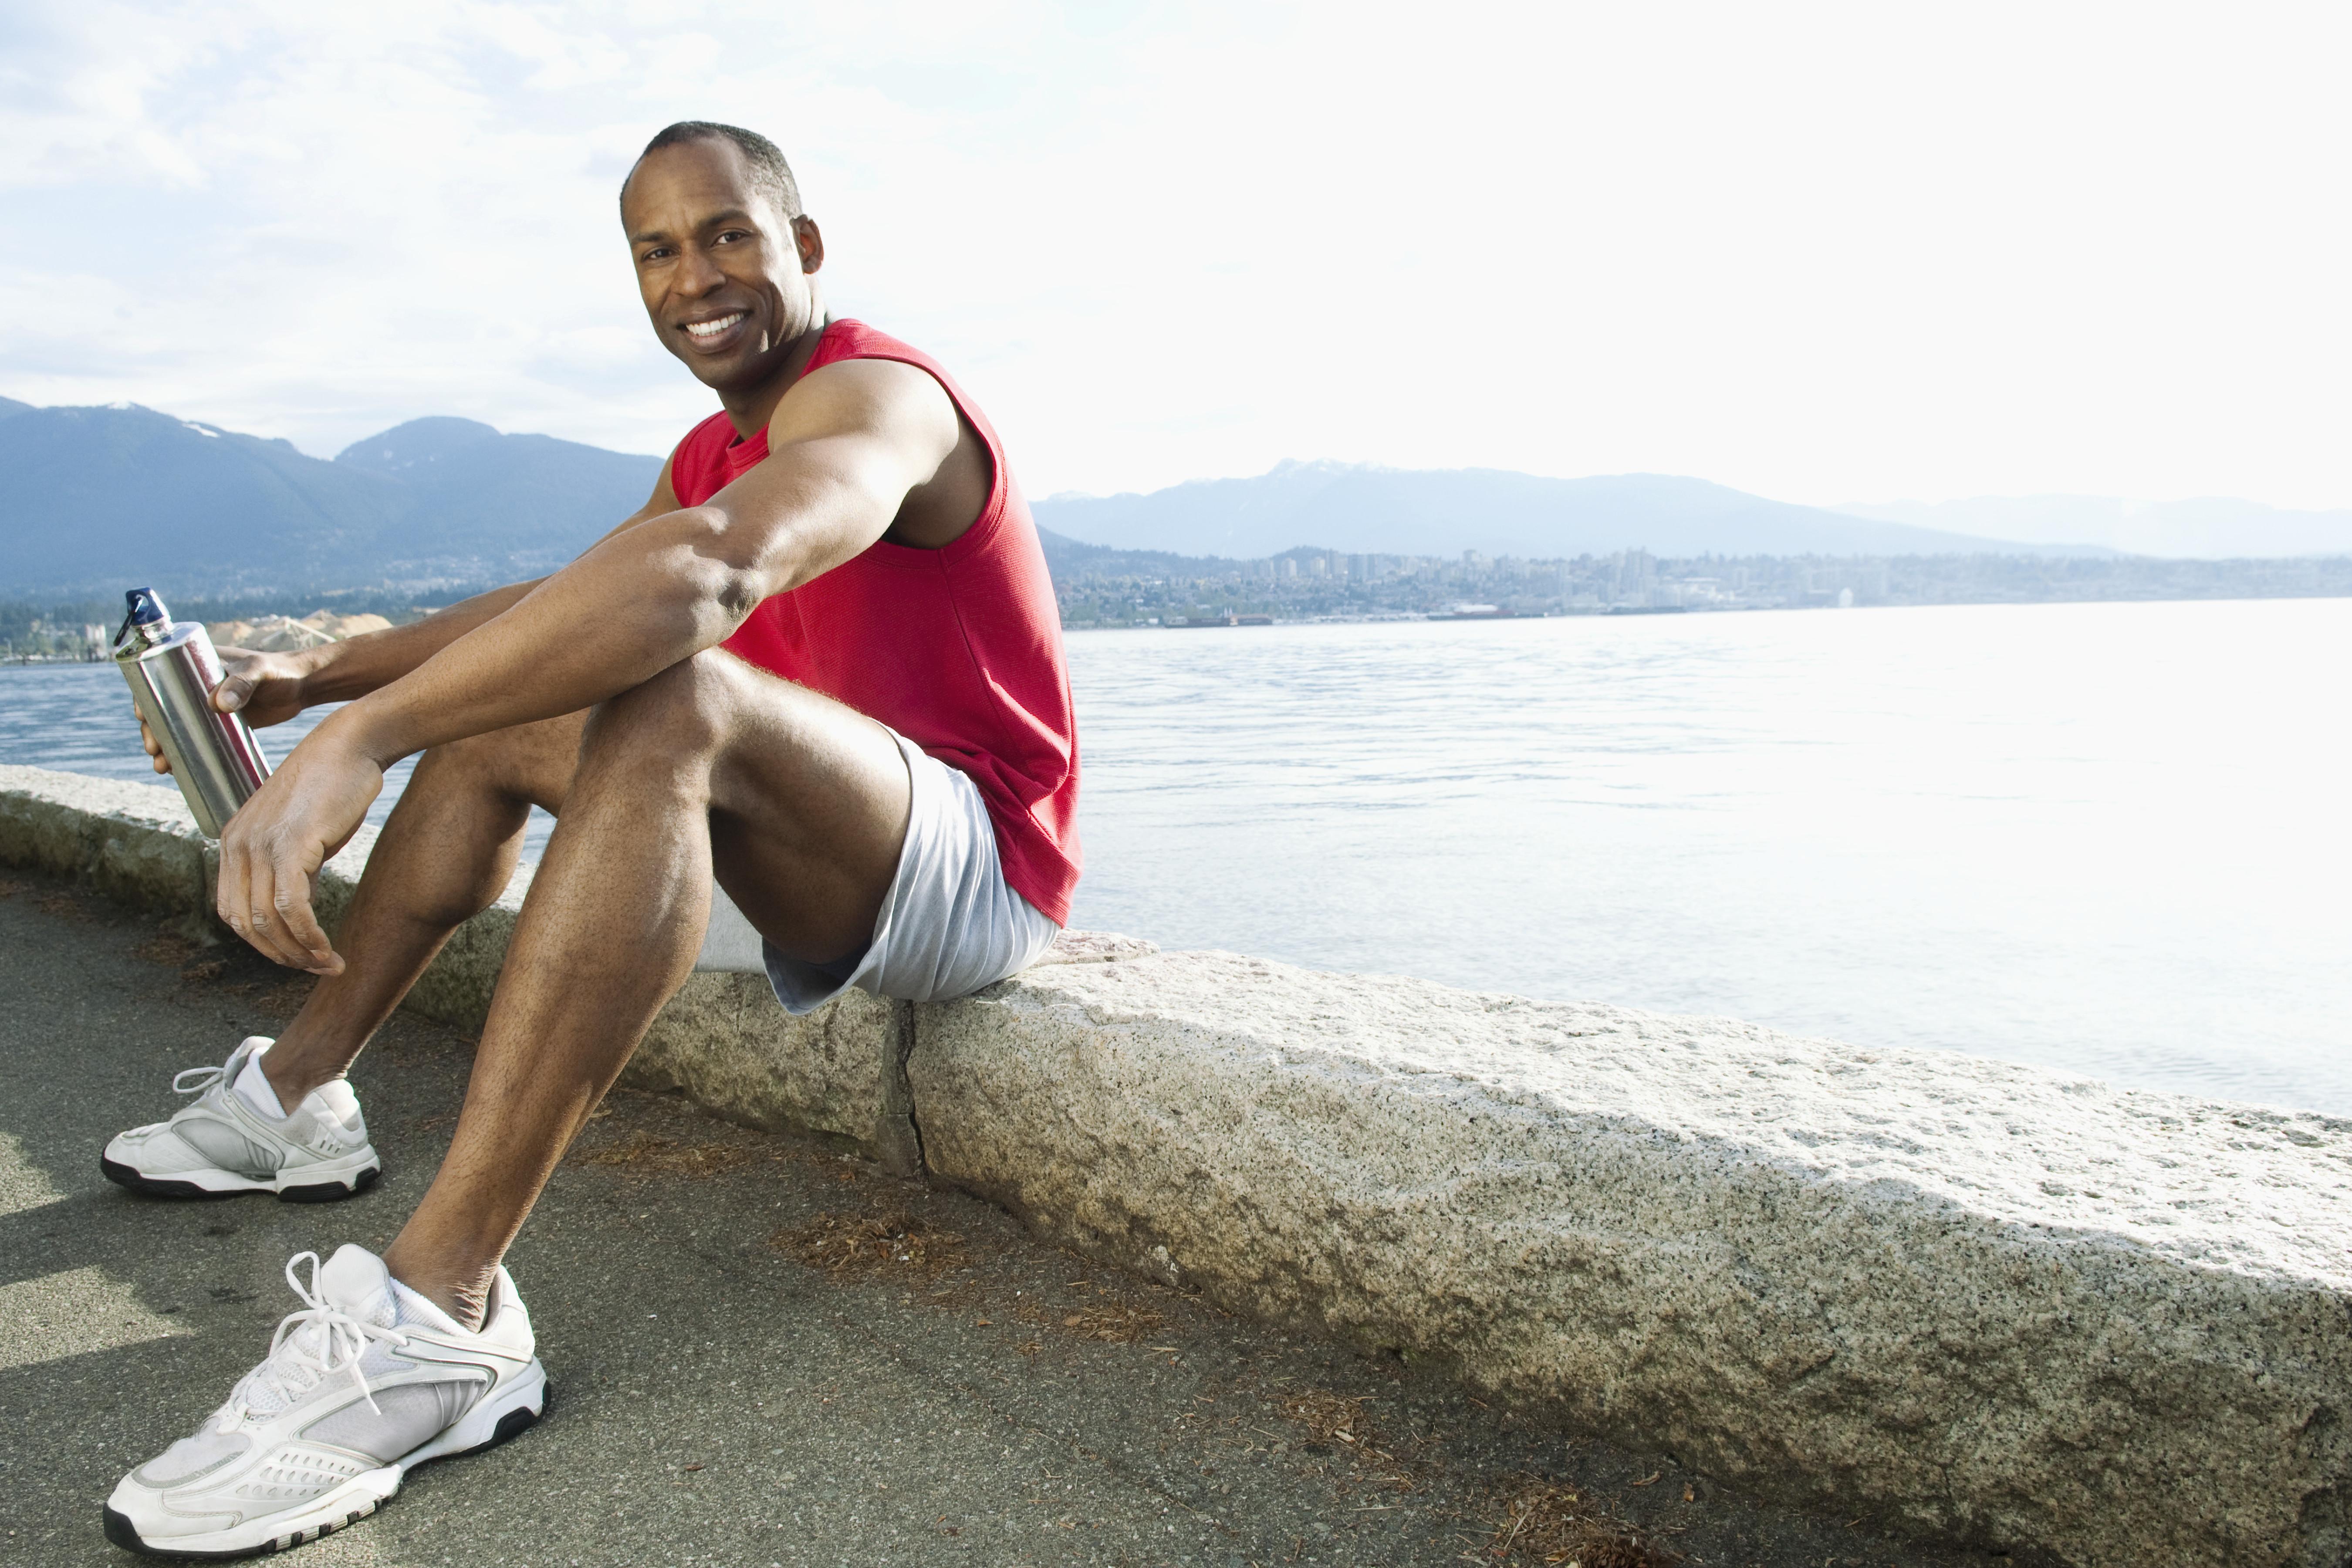 【疲労回復やストレスを軽減する栄養素】タウリンについて